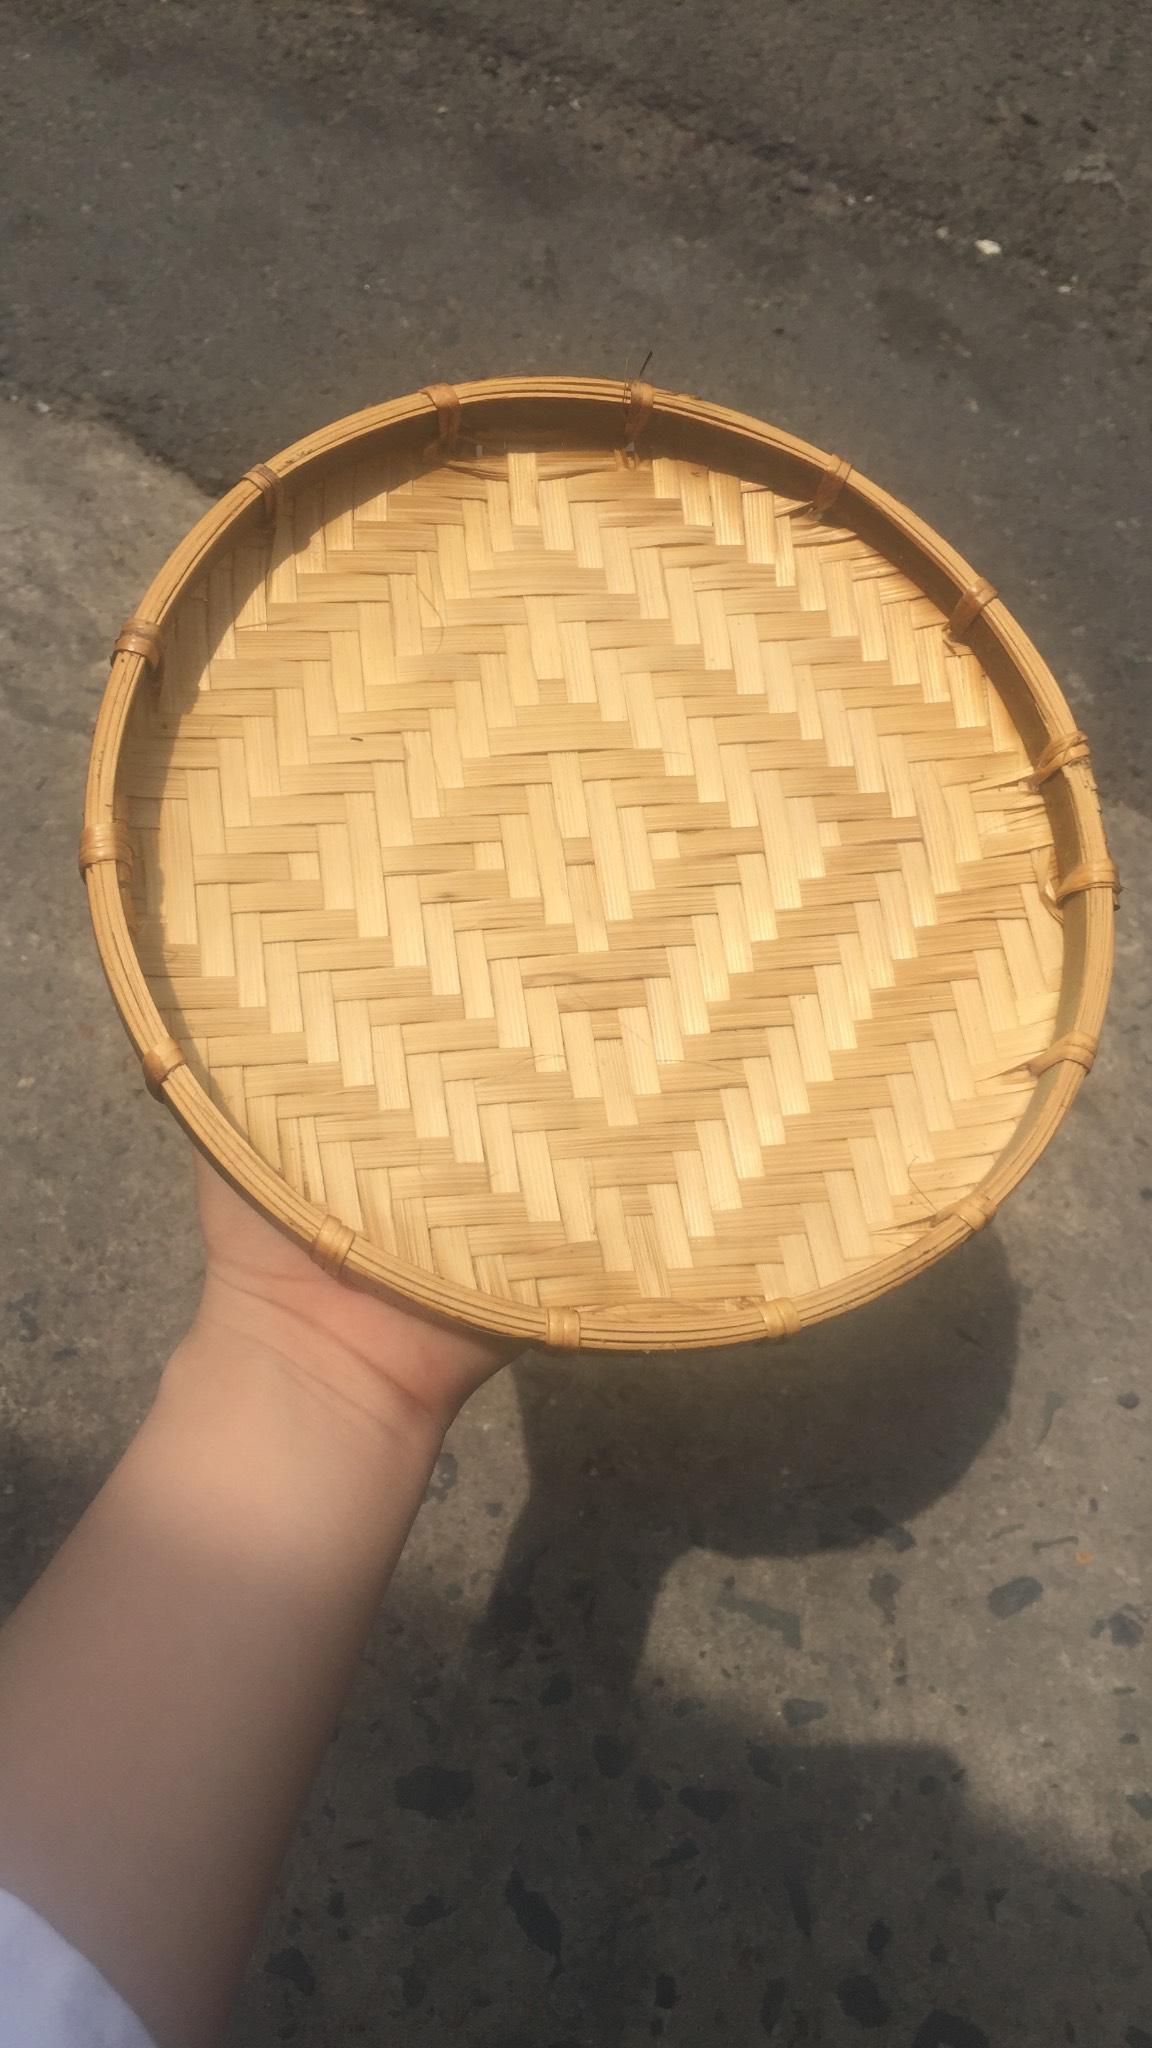 Mẹt tre hun khói được bán chạy nhất tại cửa hàng